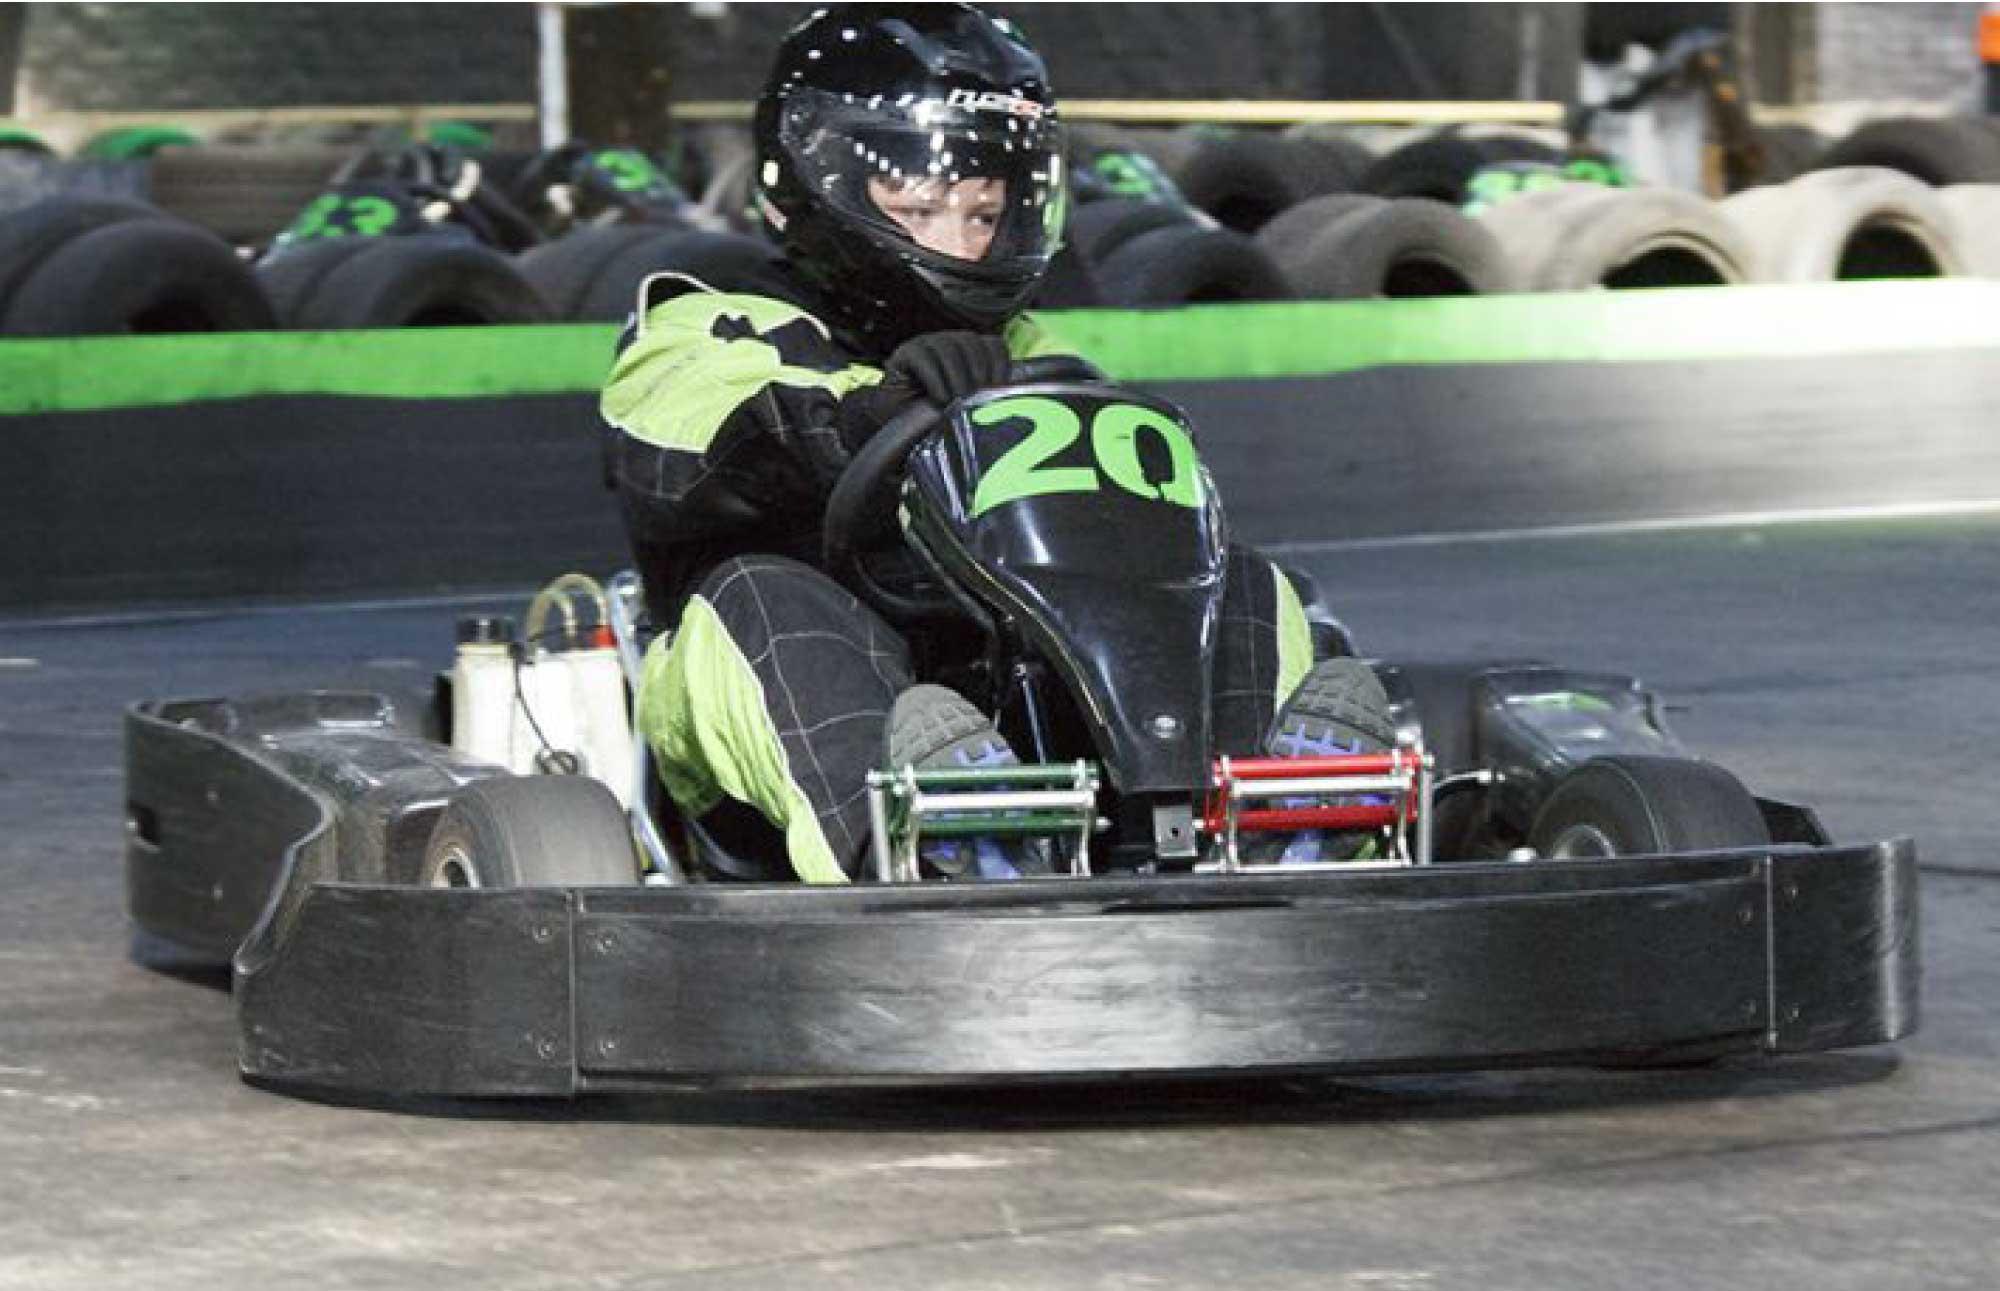 Go Karting Apex Kart